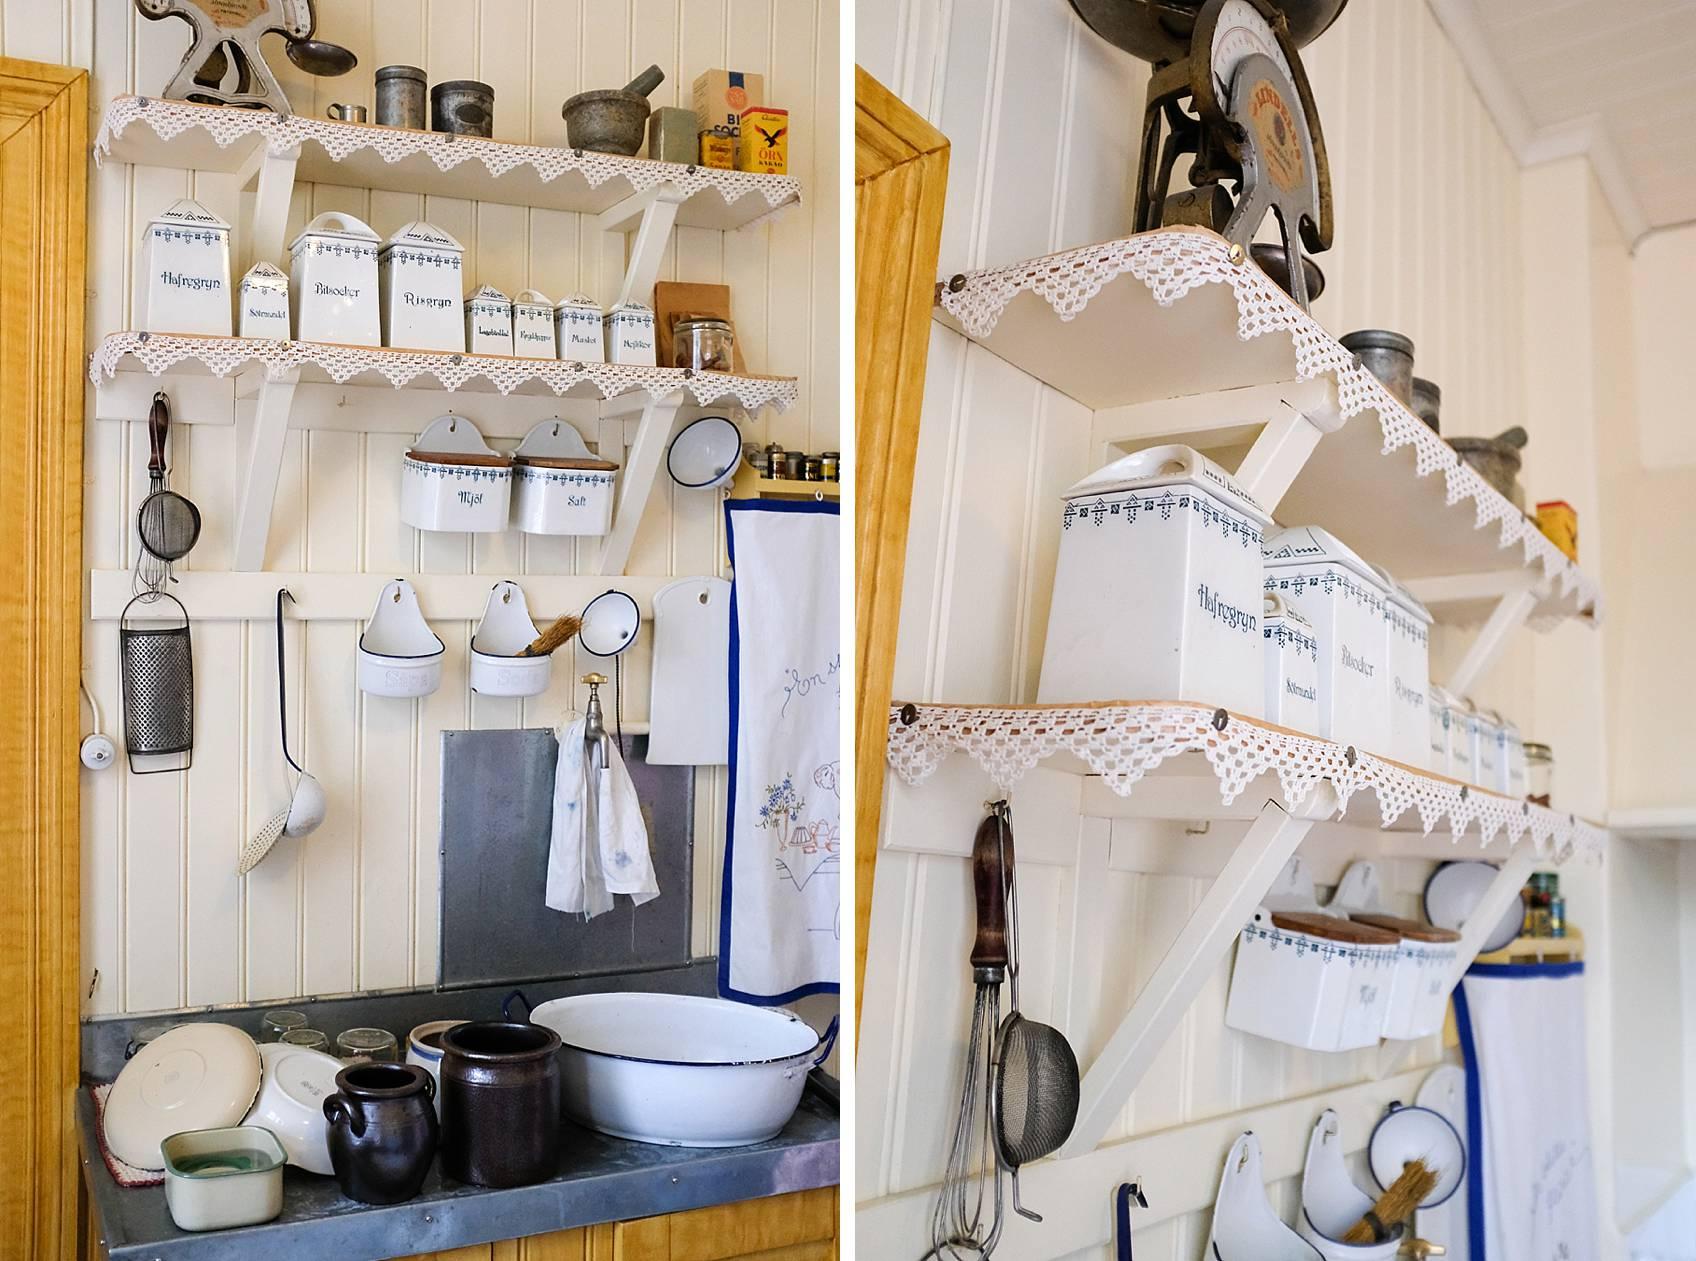 skansen stockholm cottage living decor for inspiration, inside cottage shelving kitchen